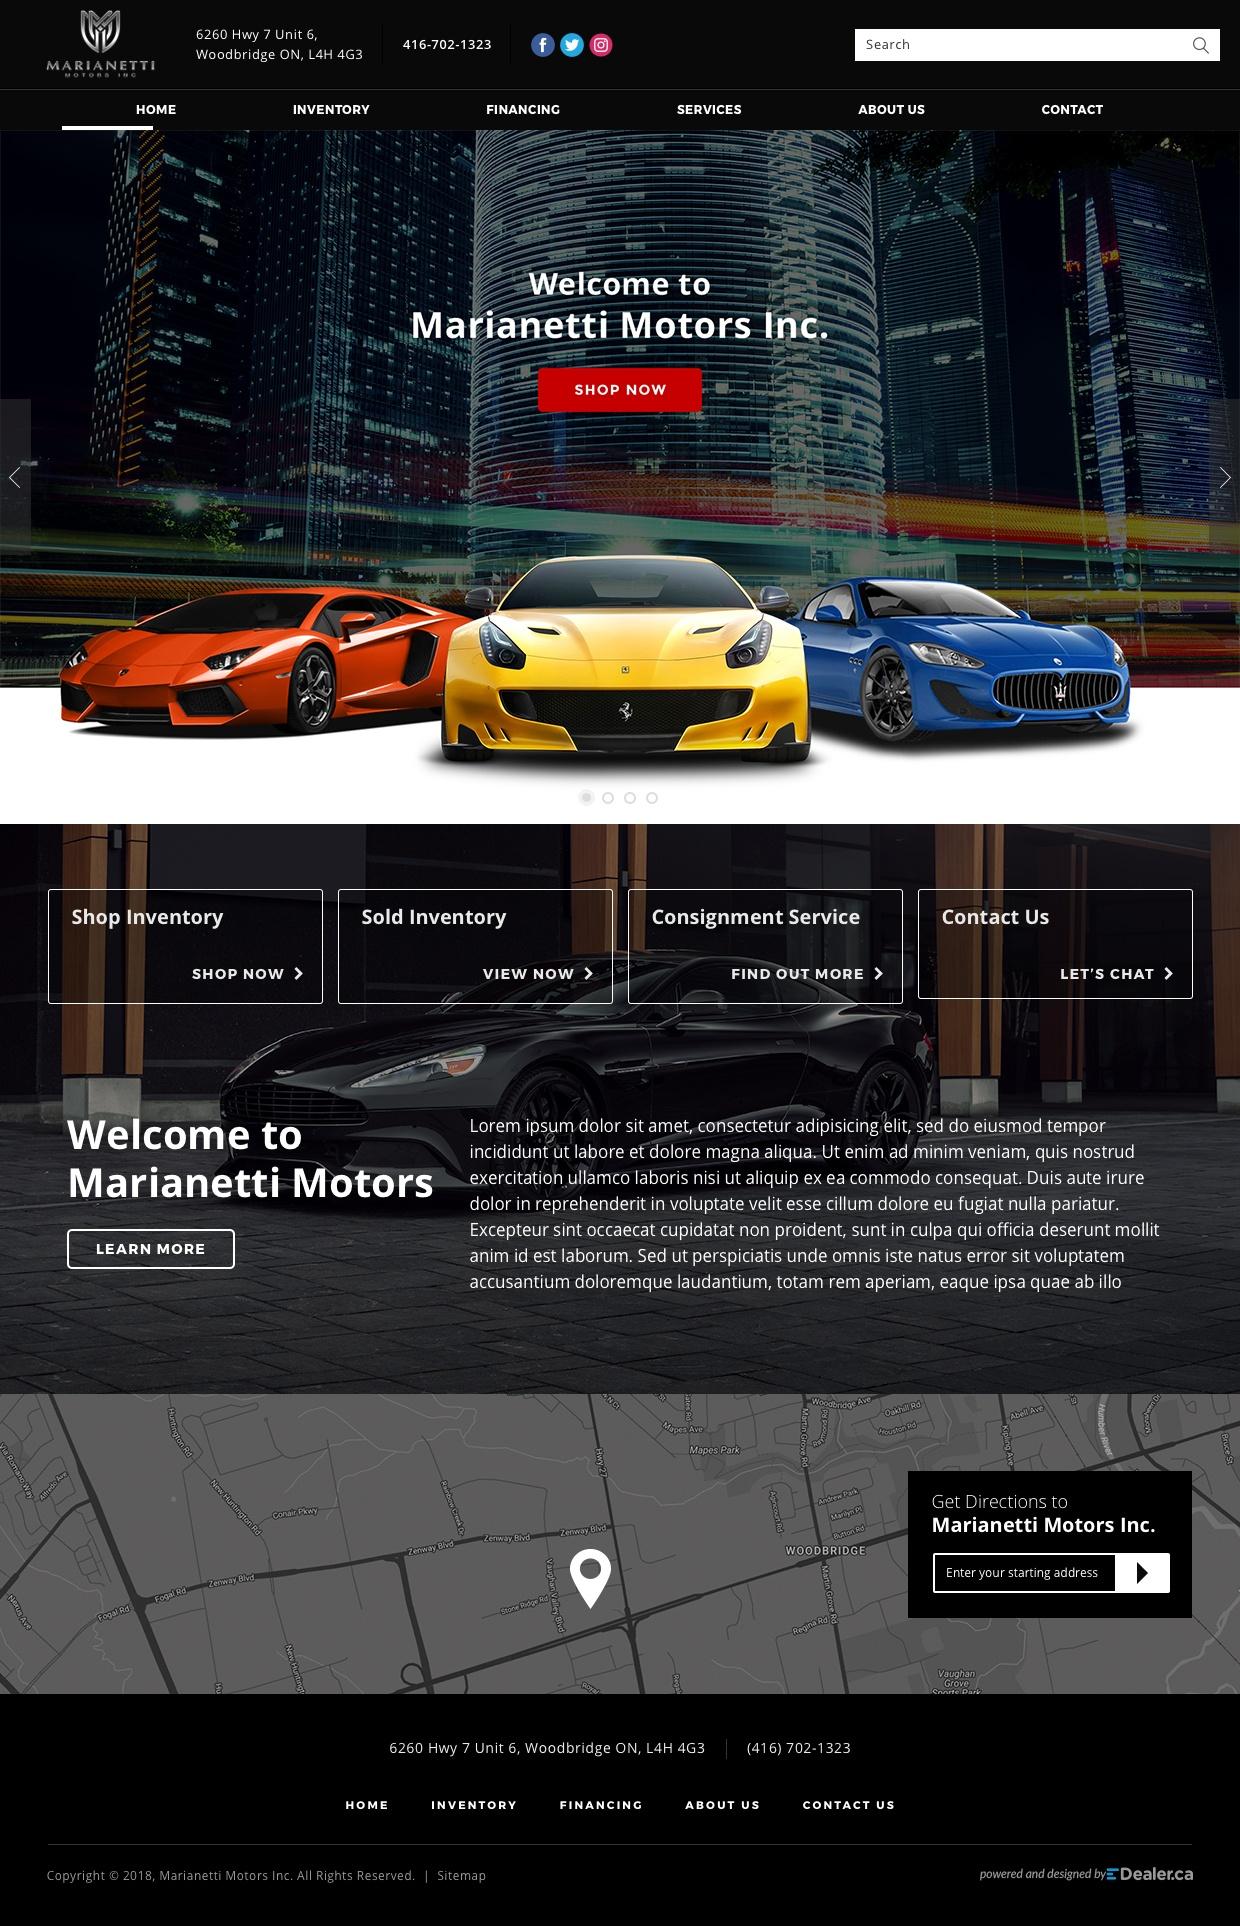 Marianetti Motors